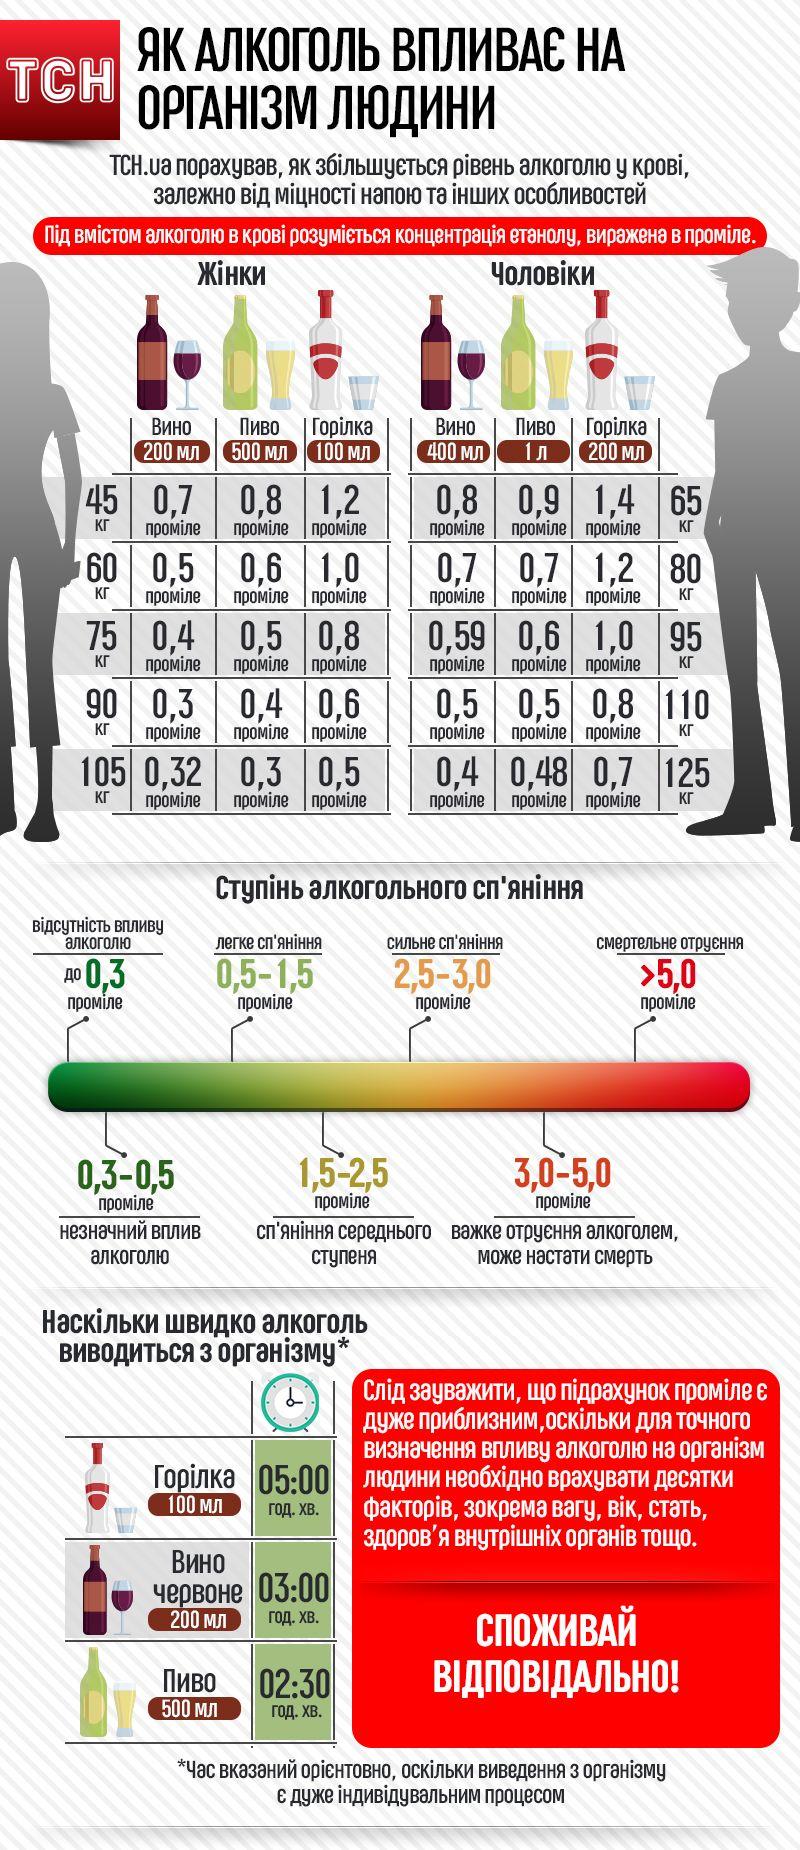 Як алкоголь впливає на організм людини 1. Інфографіка